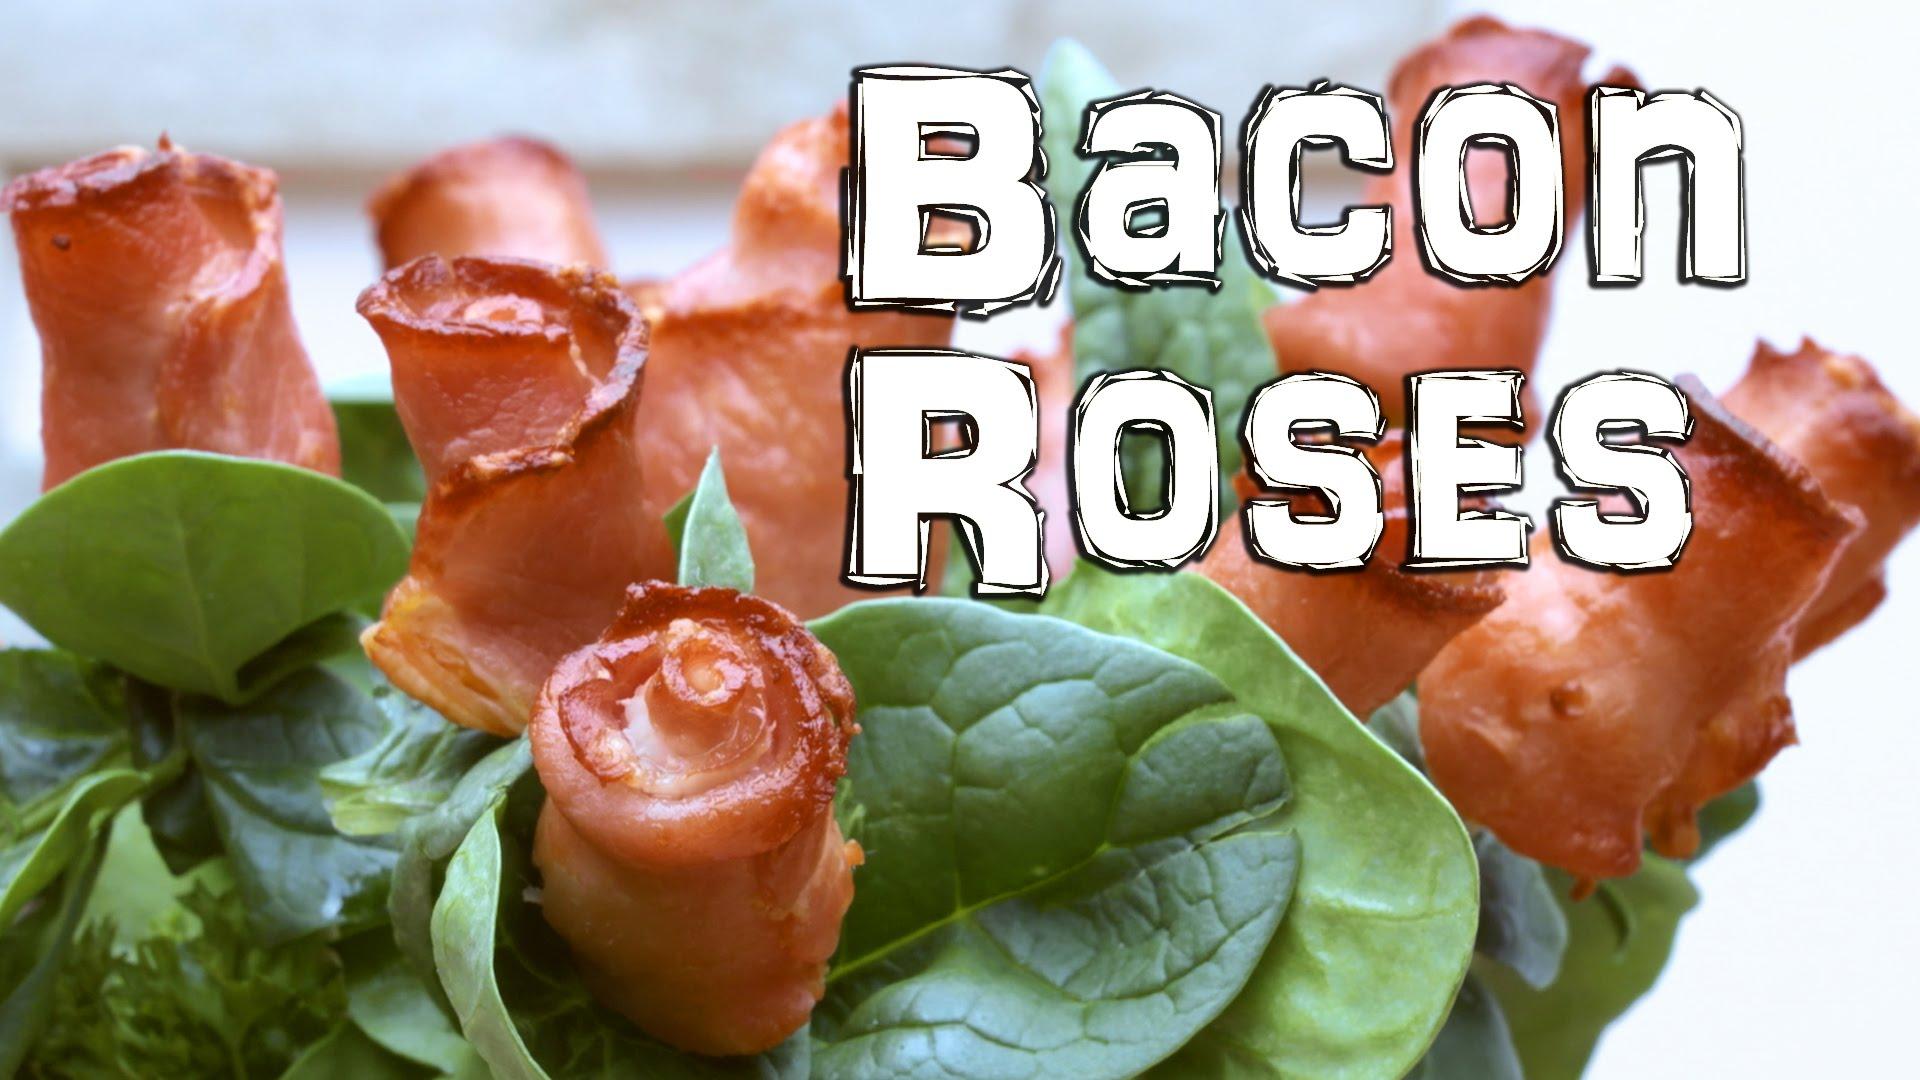 肉食者天堂:『培根』玫瑰輕鬆做!